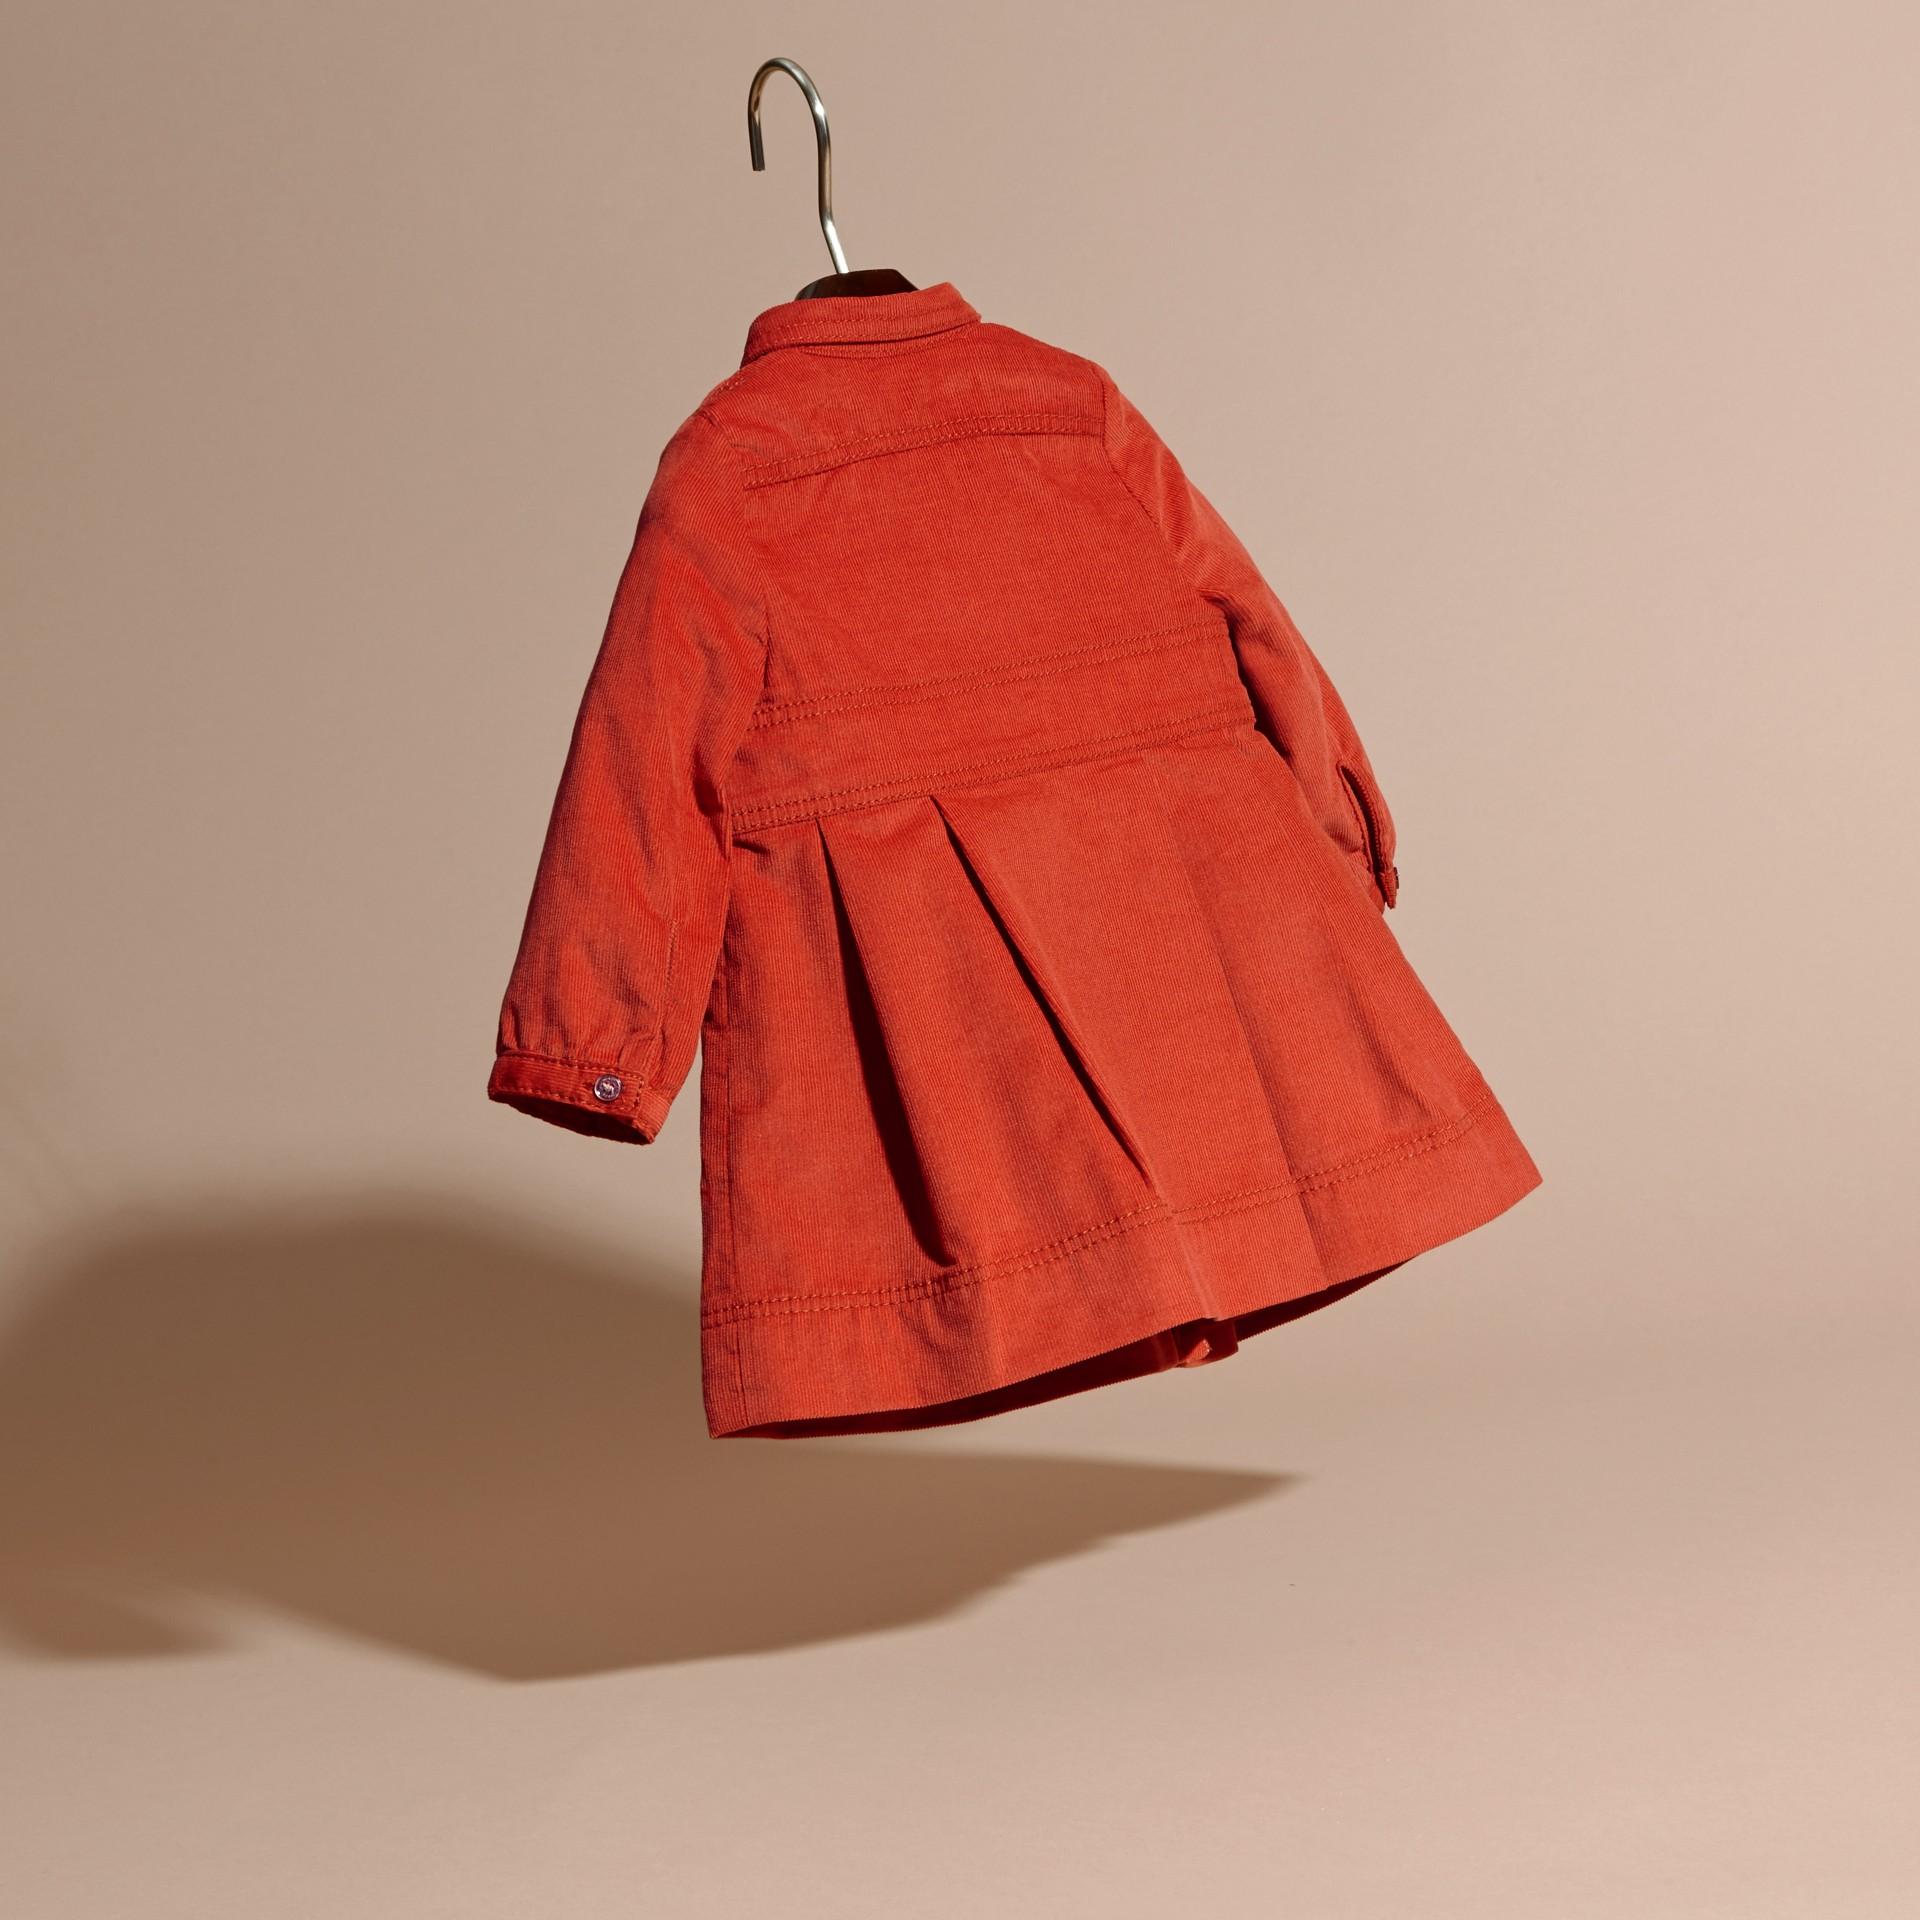 Rosso arancione Abito chemisier in corduroy di cotone Rosso Arancione - immagine della galleria 4